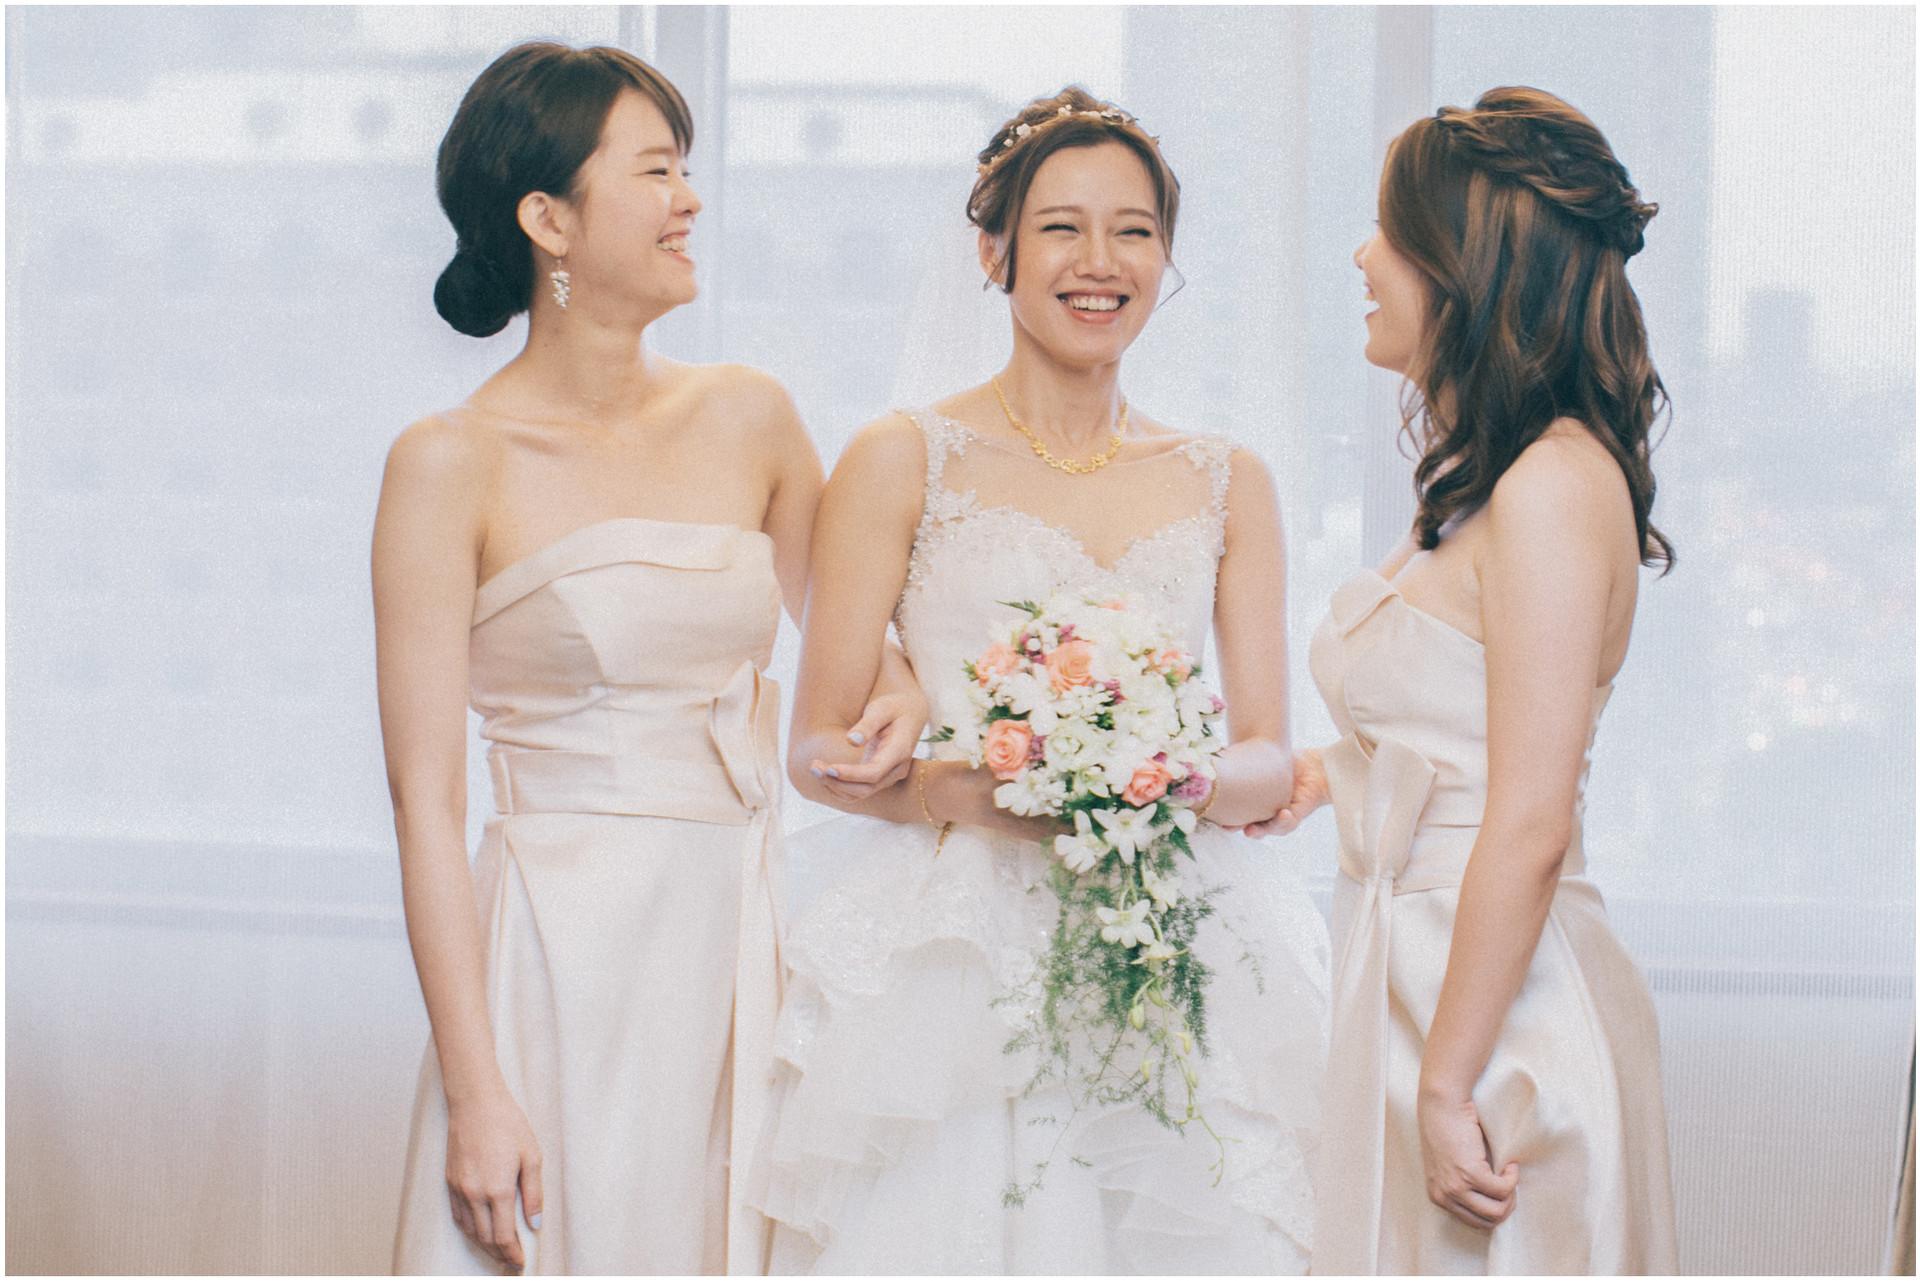 婚禮紀錄 / 平面攝影 / 類婚紗 / 台北喜來登